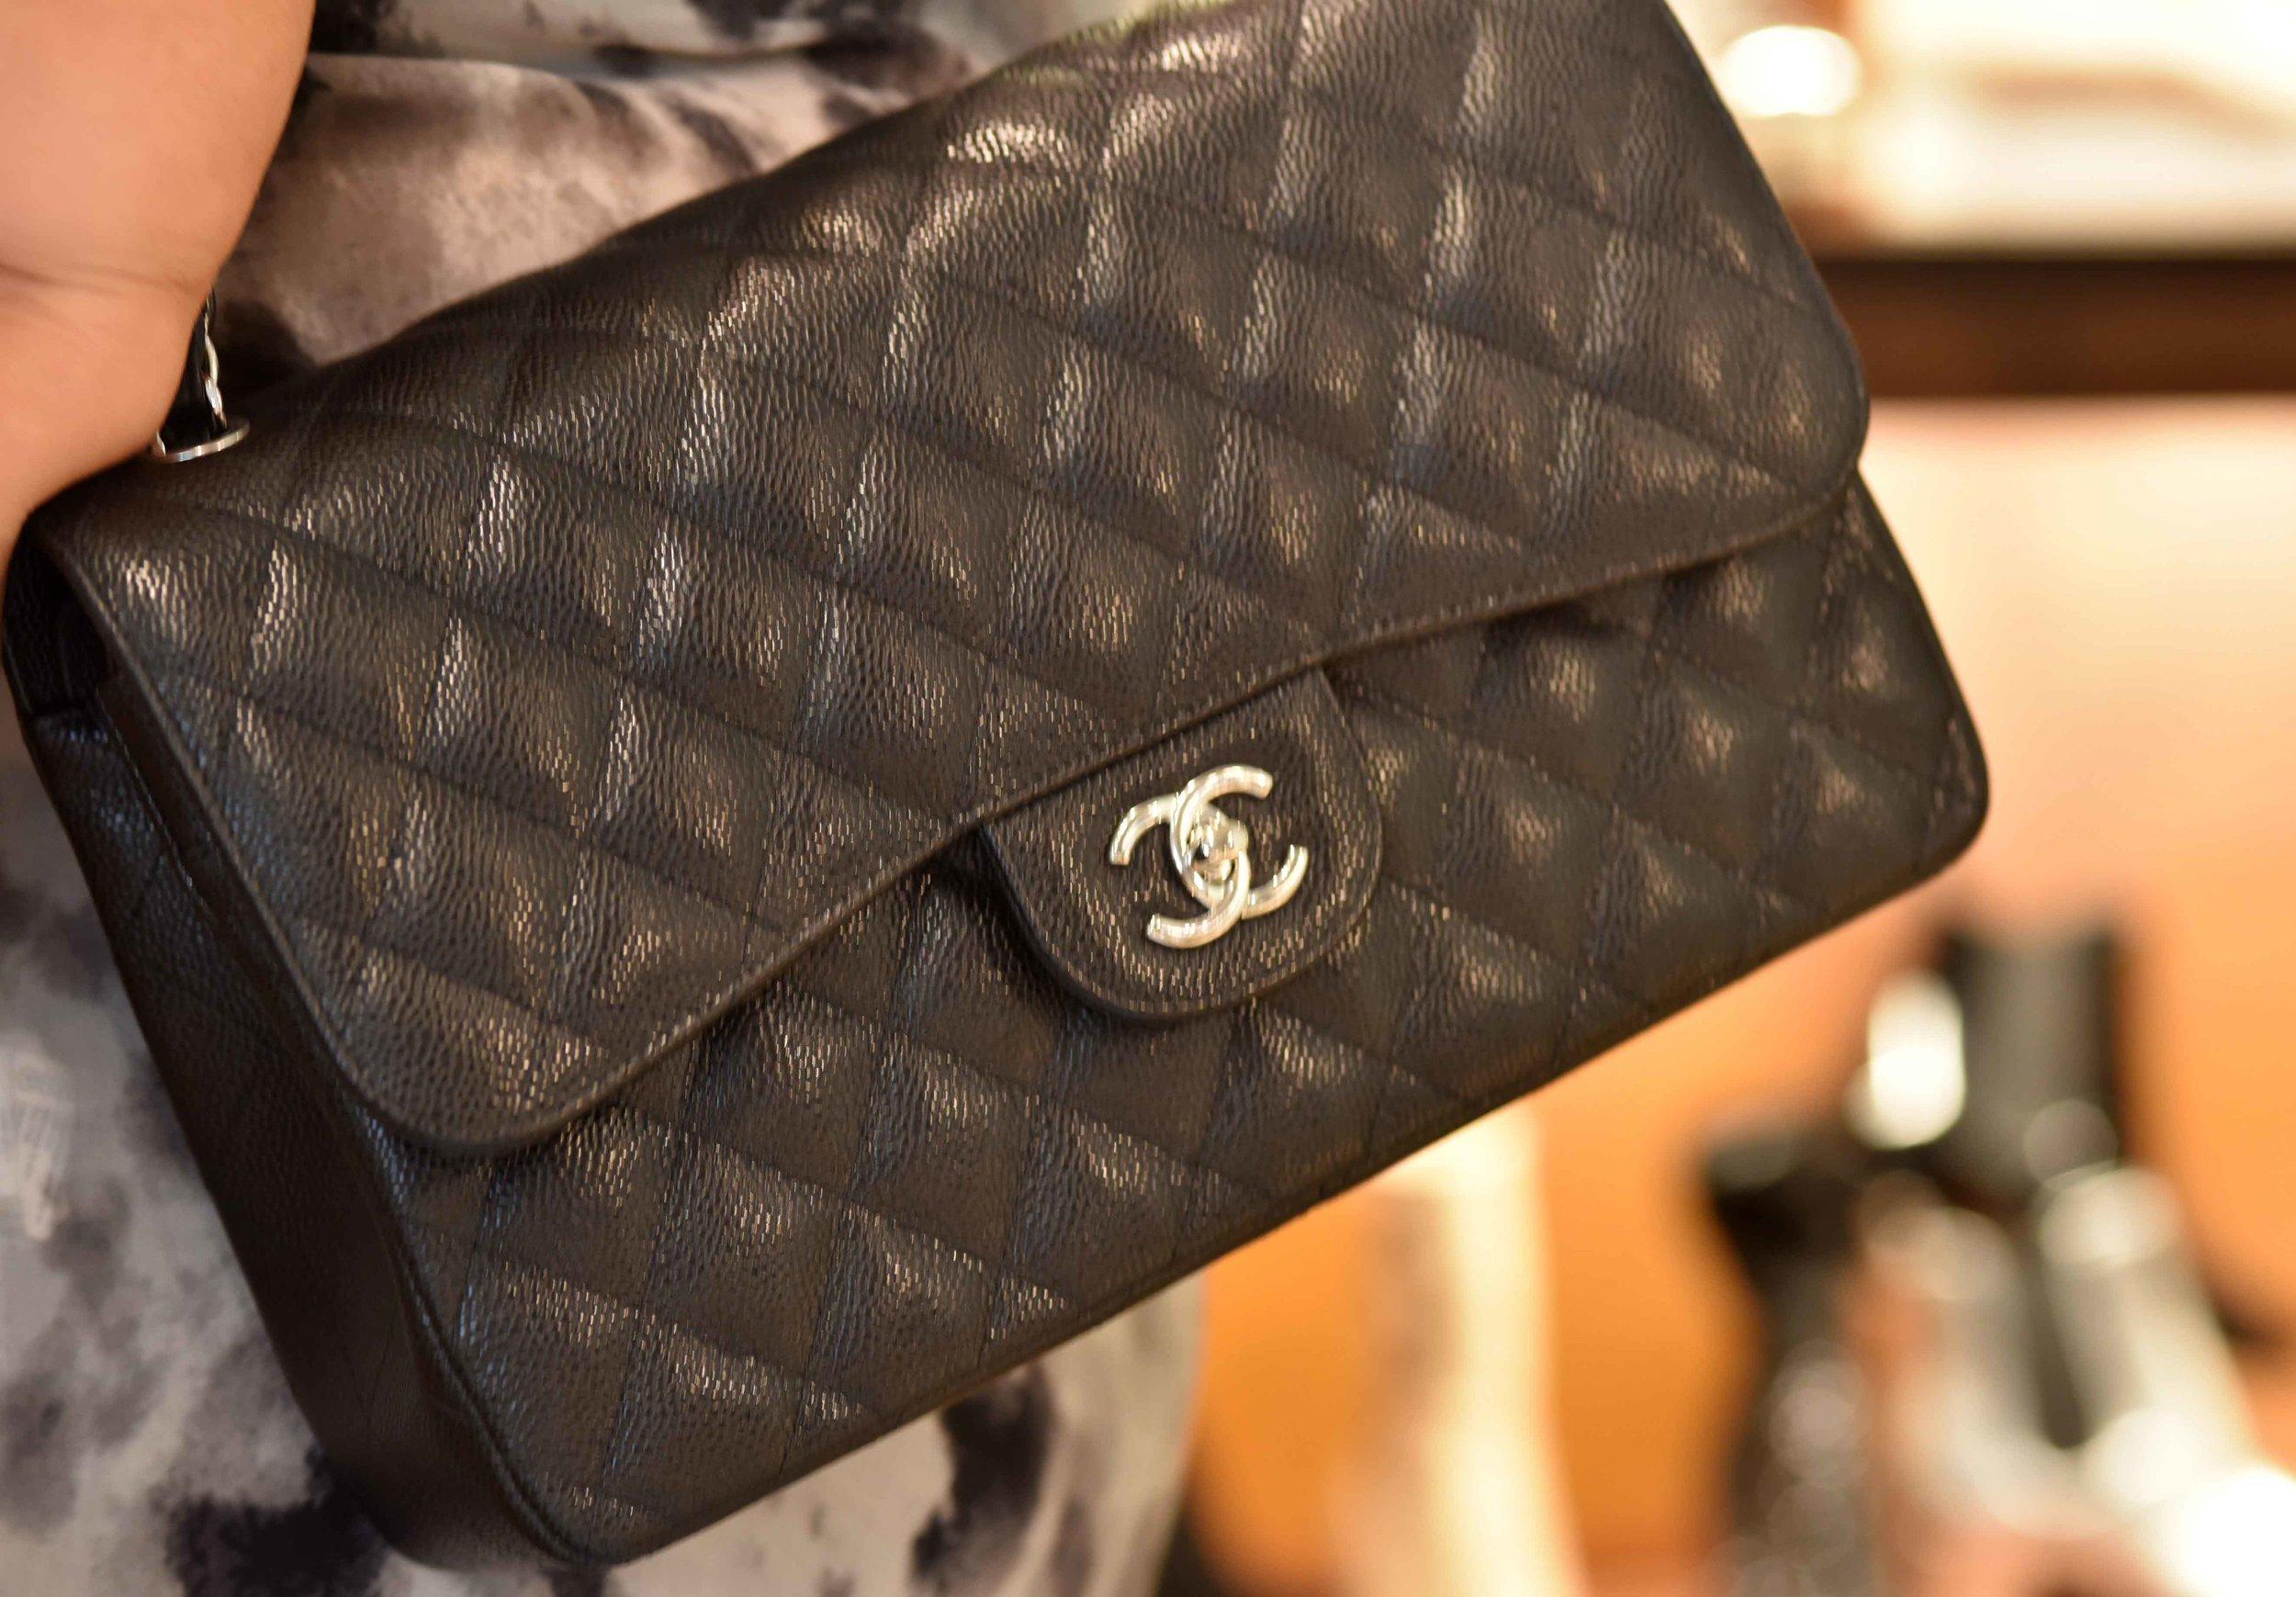 Chanel bag, Selfridges, London, U.K. Image©sourcingstyle.com